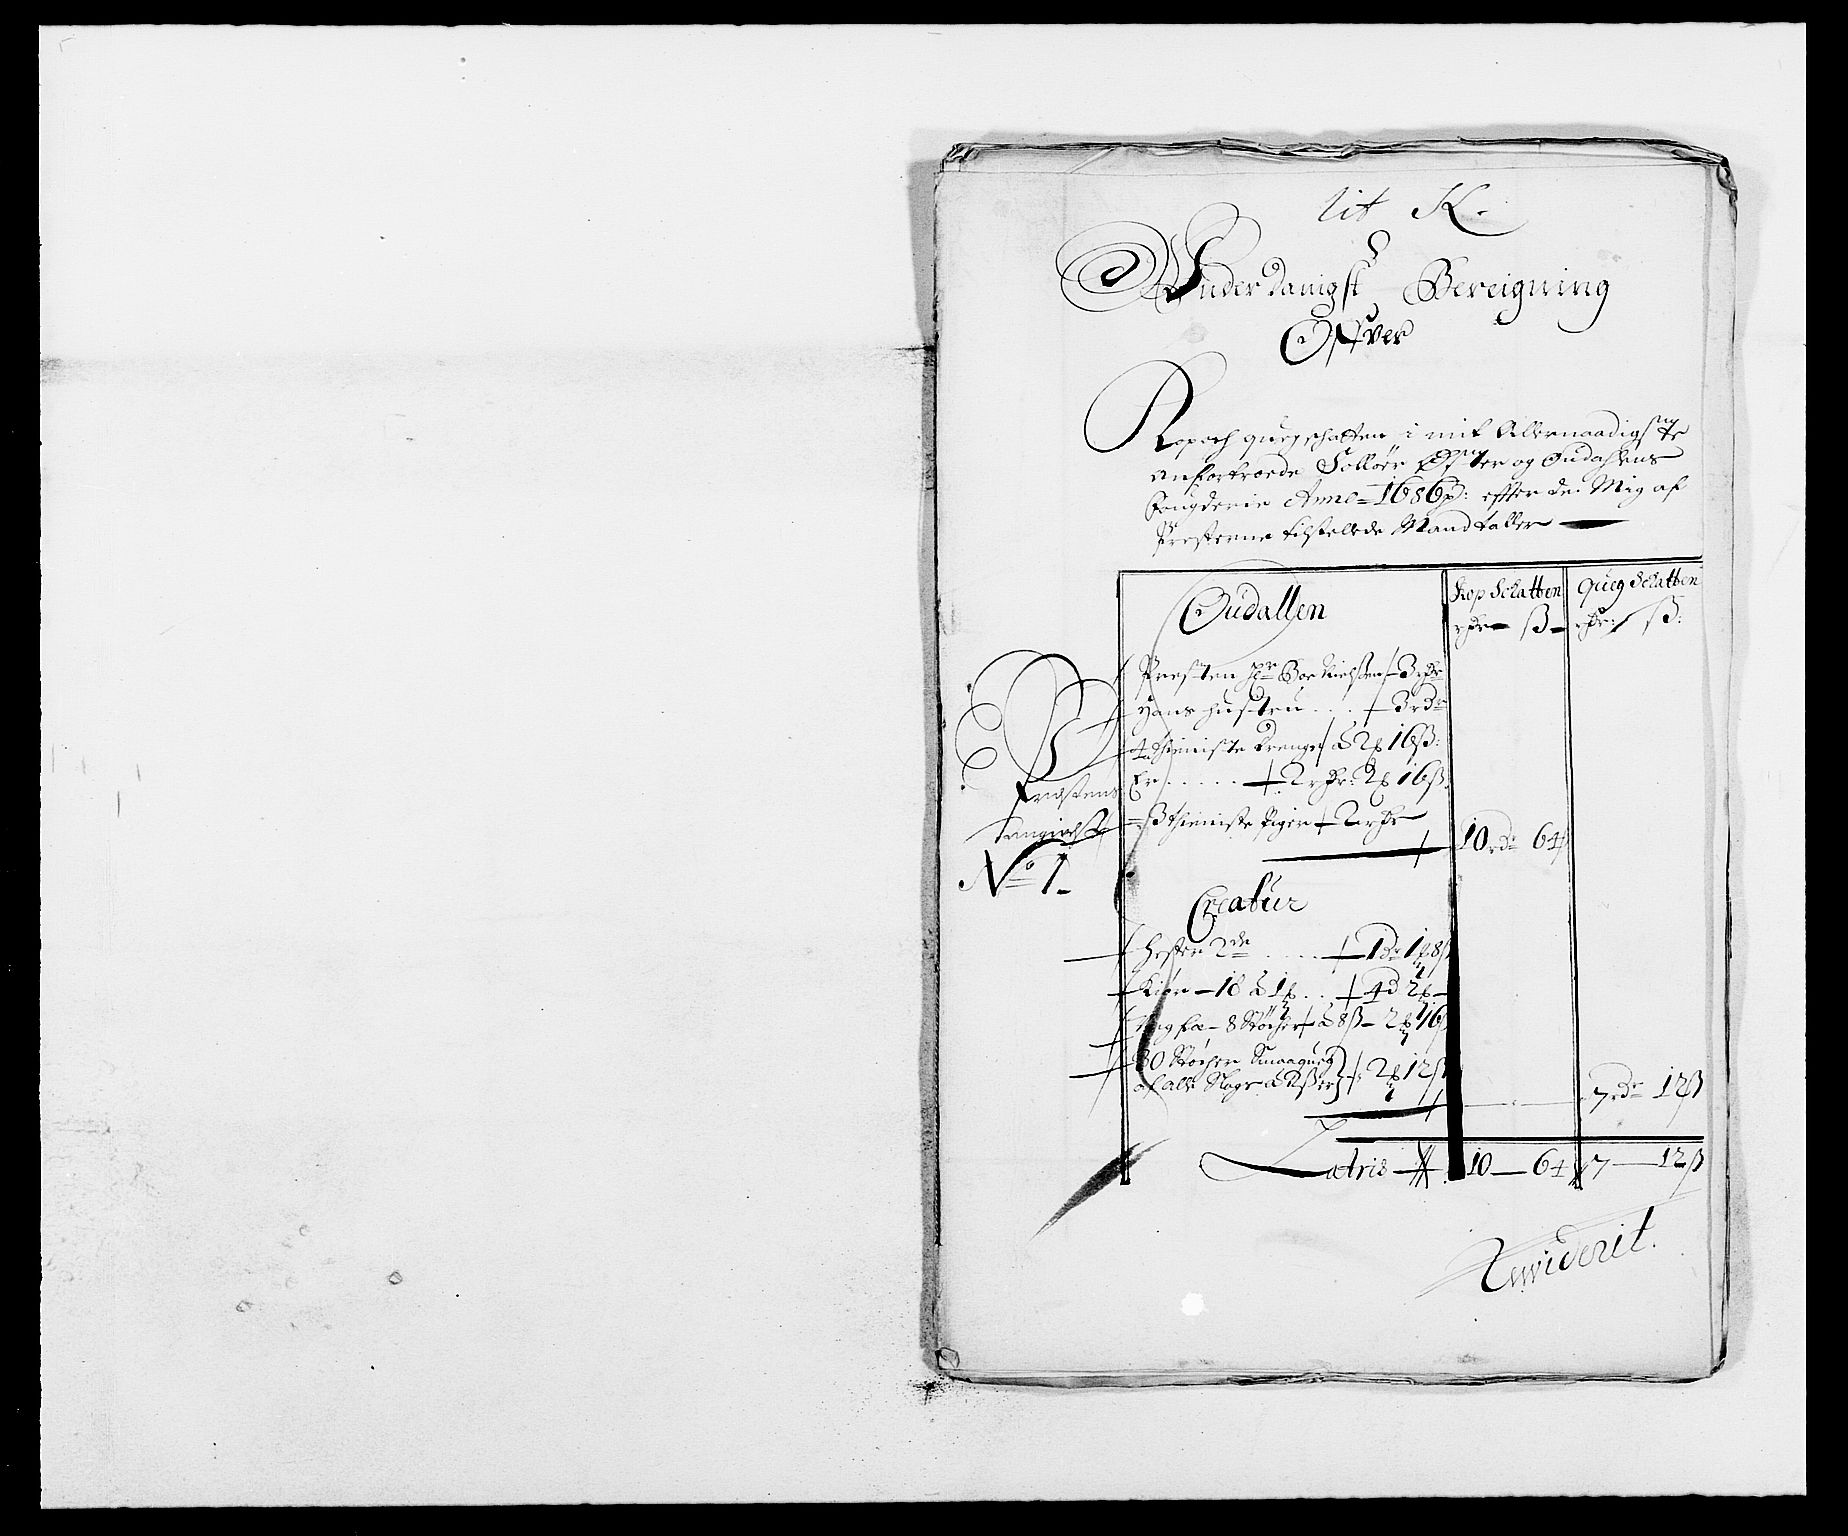 RA, Rentekammeret inntil 1814, Reviderte regnskaper, Fogderegnskap, R13/L0823: Fogderegnskap Solør, Odal og Østerdal, 1686, s. 248